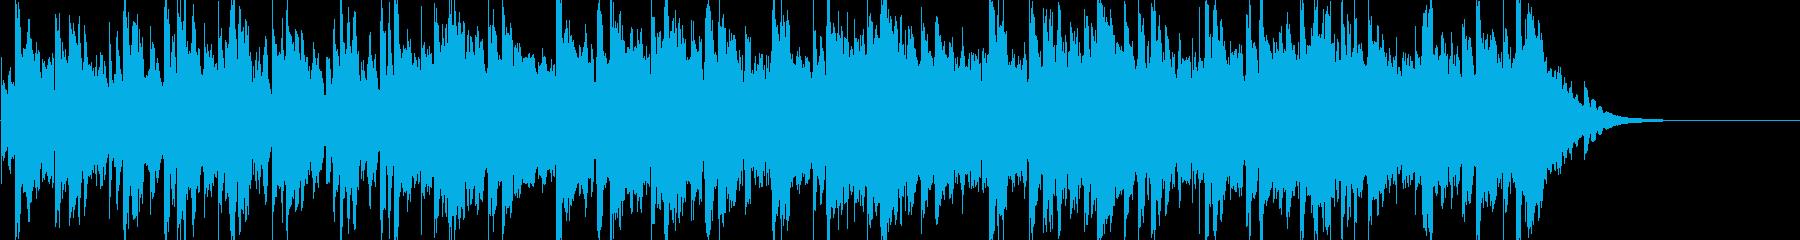 静けさの中で重なり合う音の再生済みの波形